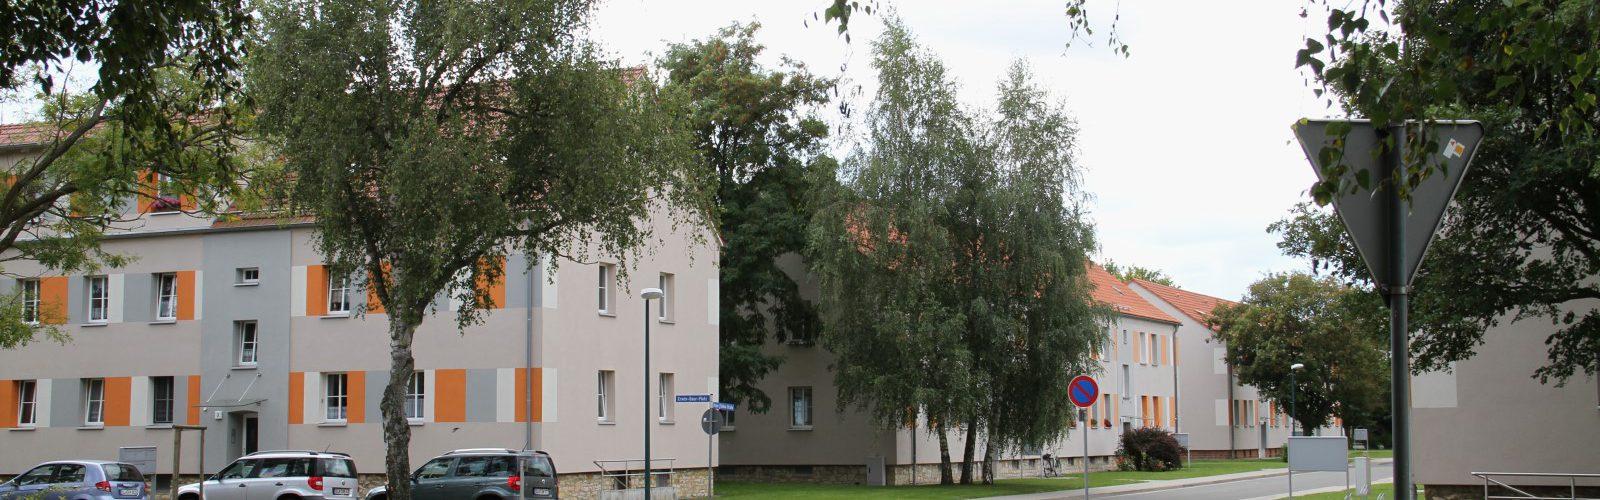 Erwin-Baur-Platz